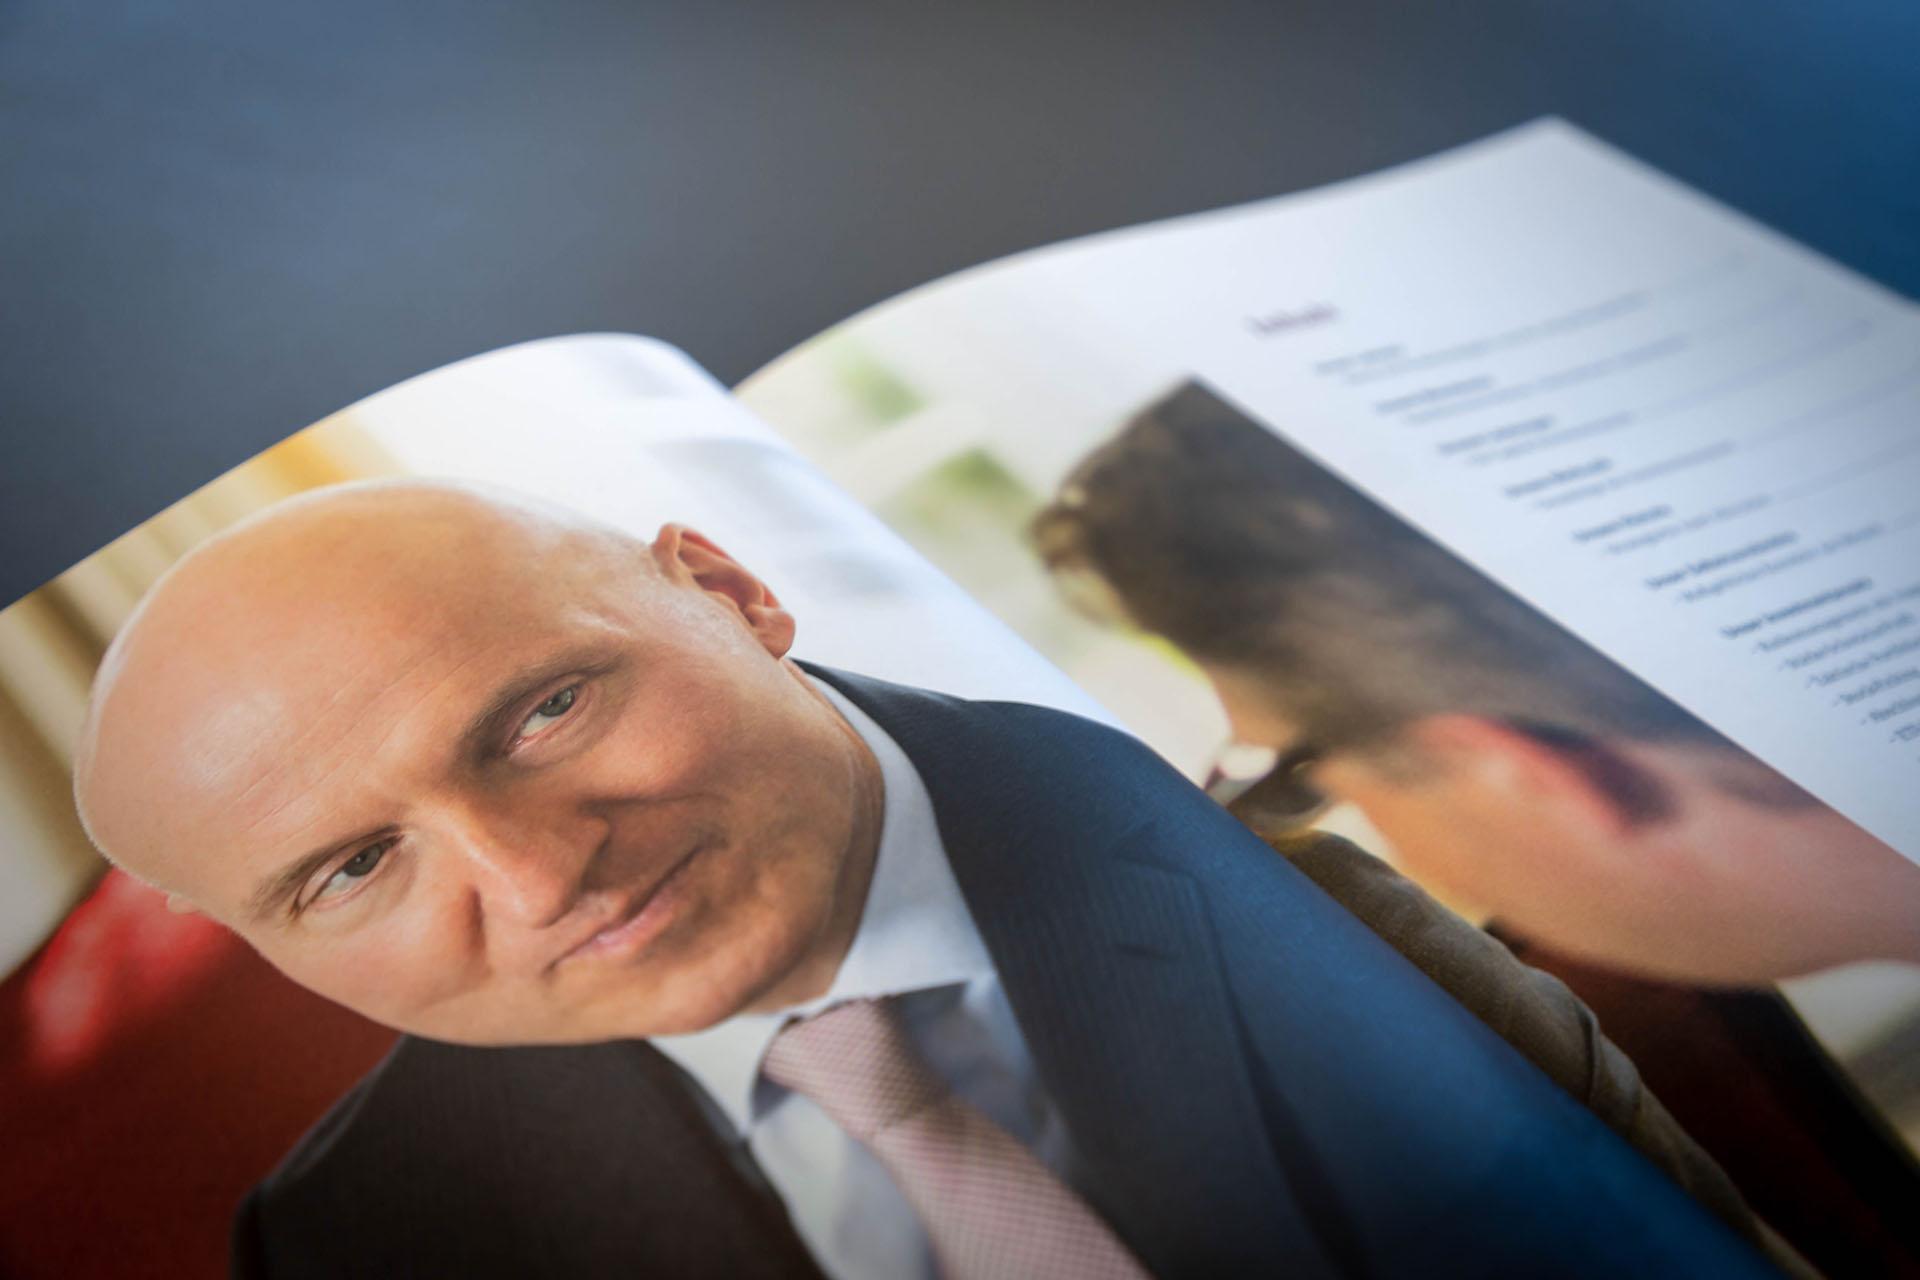 cd capital investment compendium 03 - Diskreter Auftritt mit auffallend schöner Broschüre – Corporate Design, Grafikdesign, Kommunikationsdesign, Branding, Markenentwicklung, Editorial Design